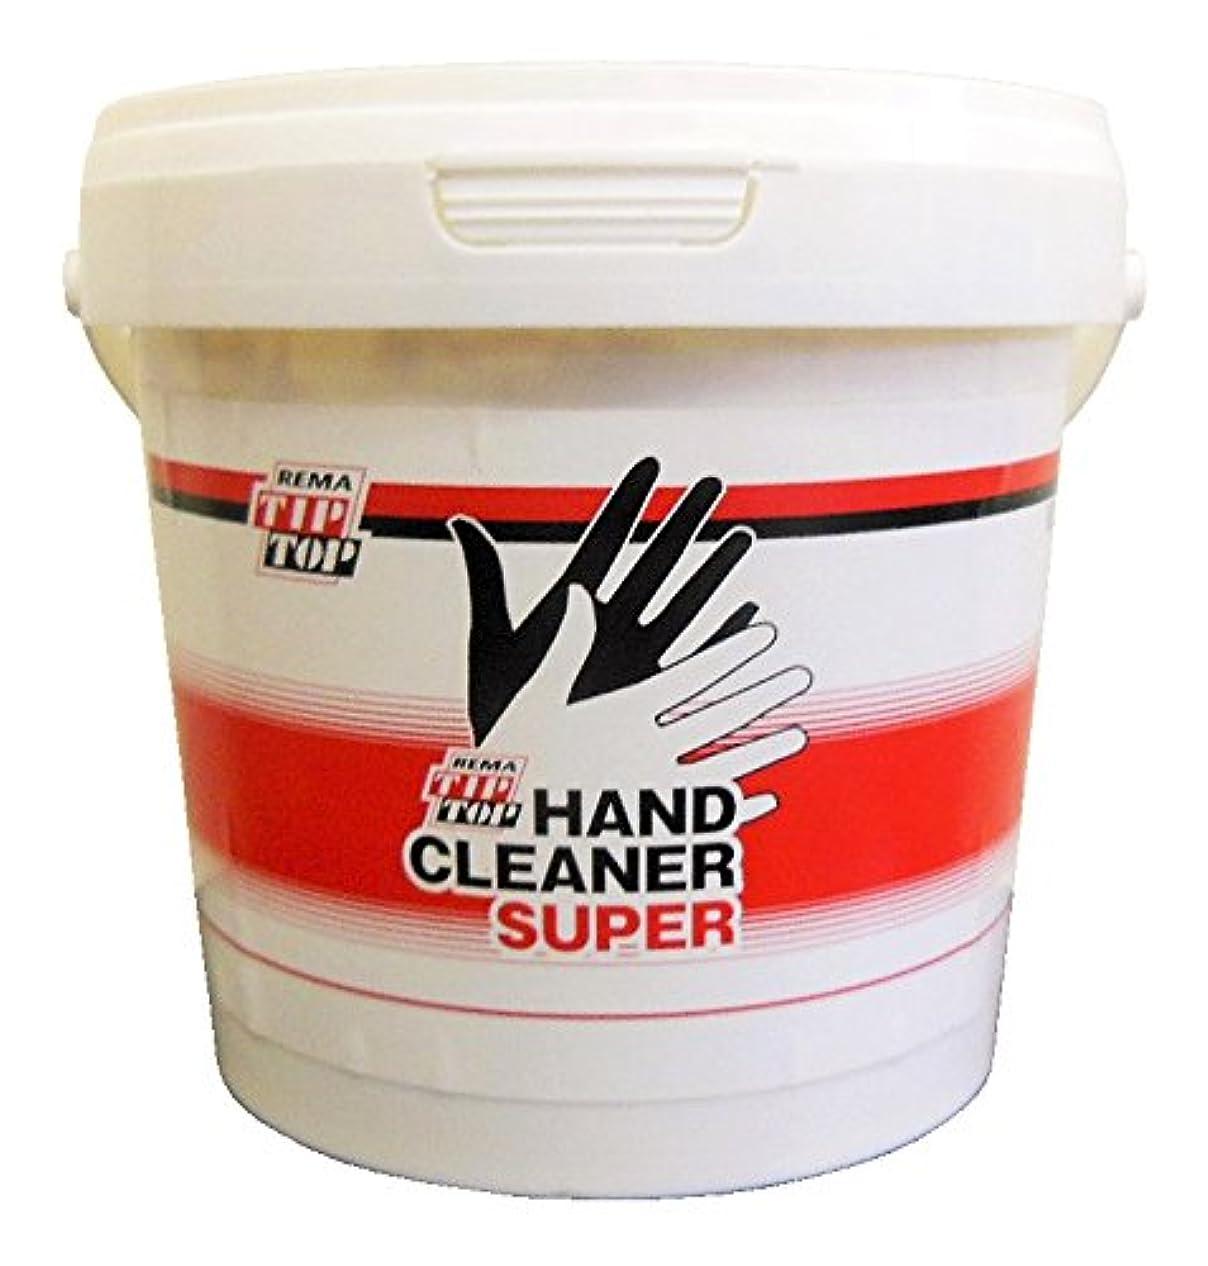 フック抑圧視聴者TIPTOP(チップトップ) ハンドクリーナー HAND CLEANER SUPER 1L H-051